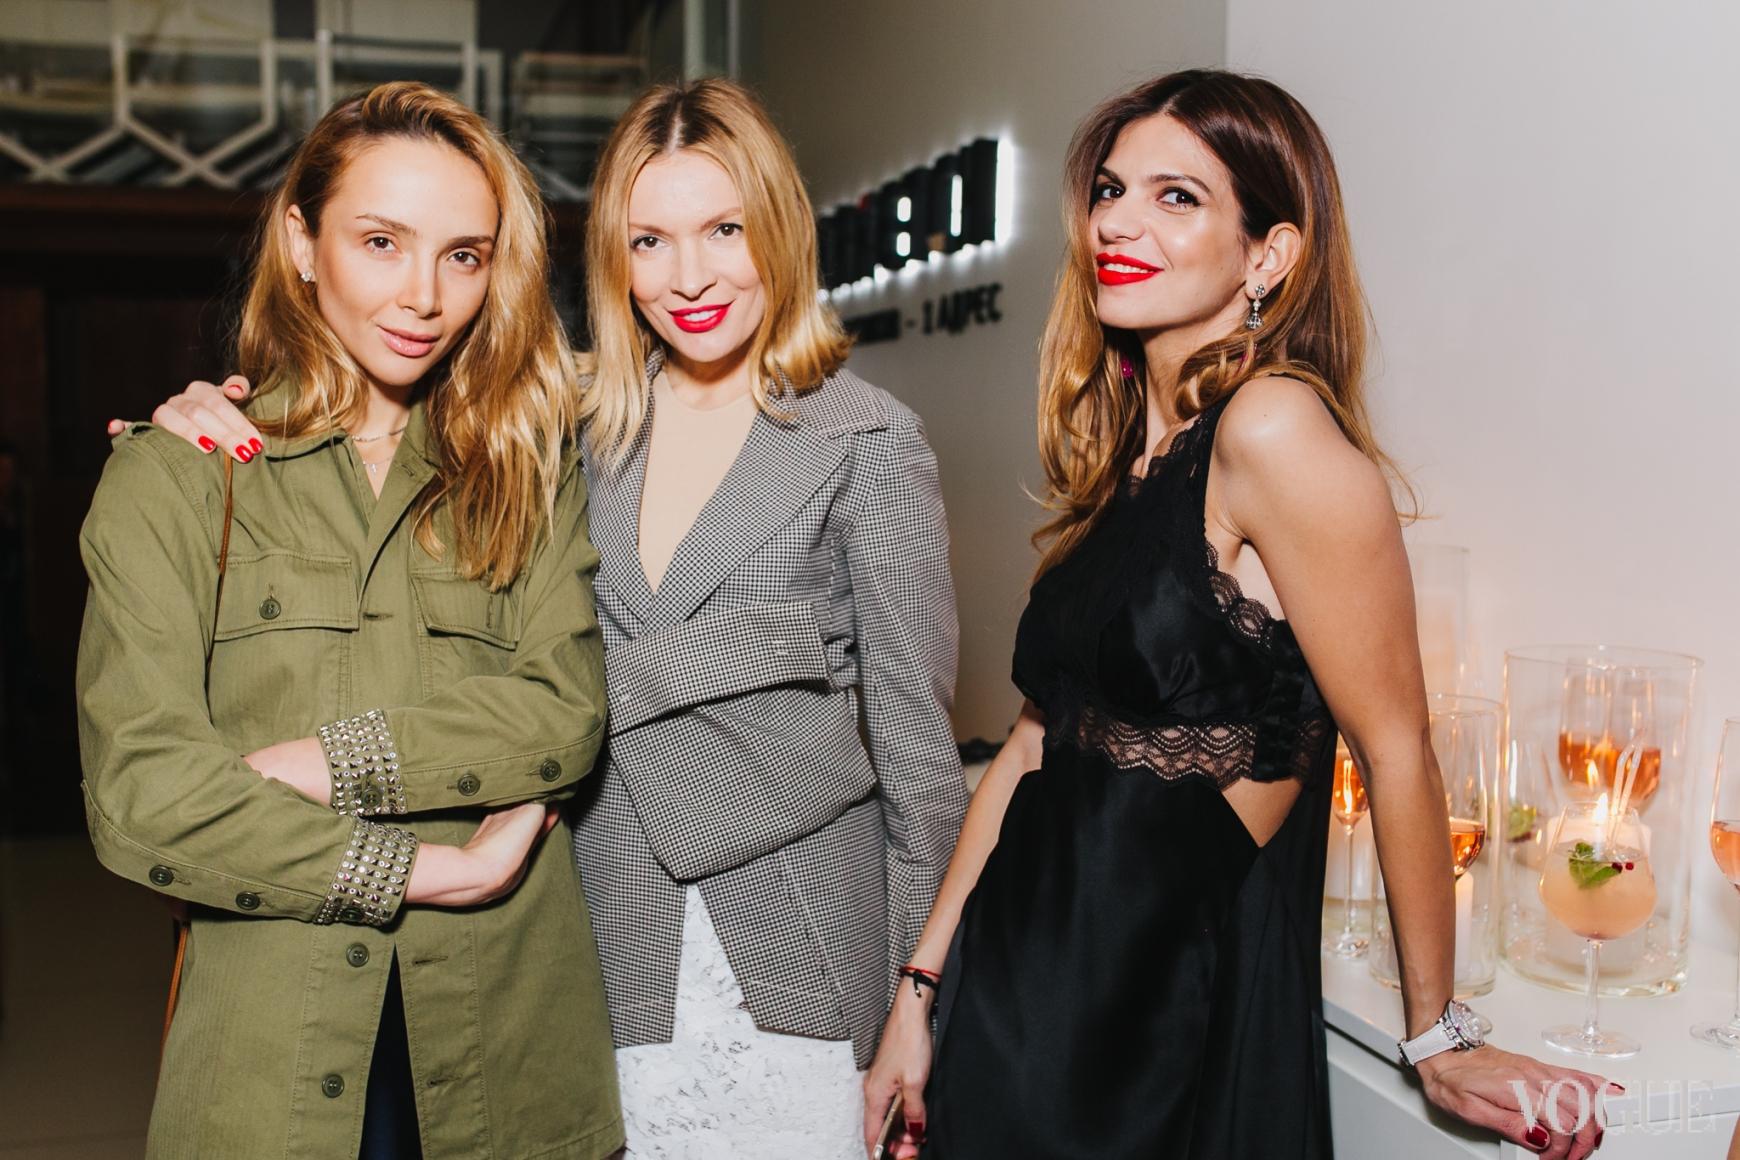 Алена Беттяр, Полина Неня и Алина Алиева